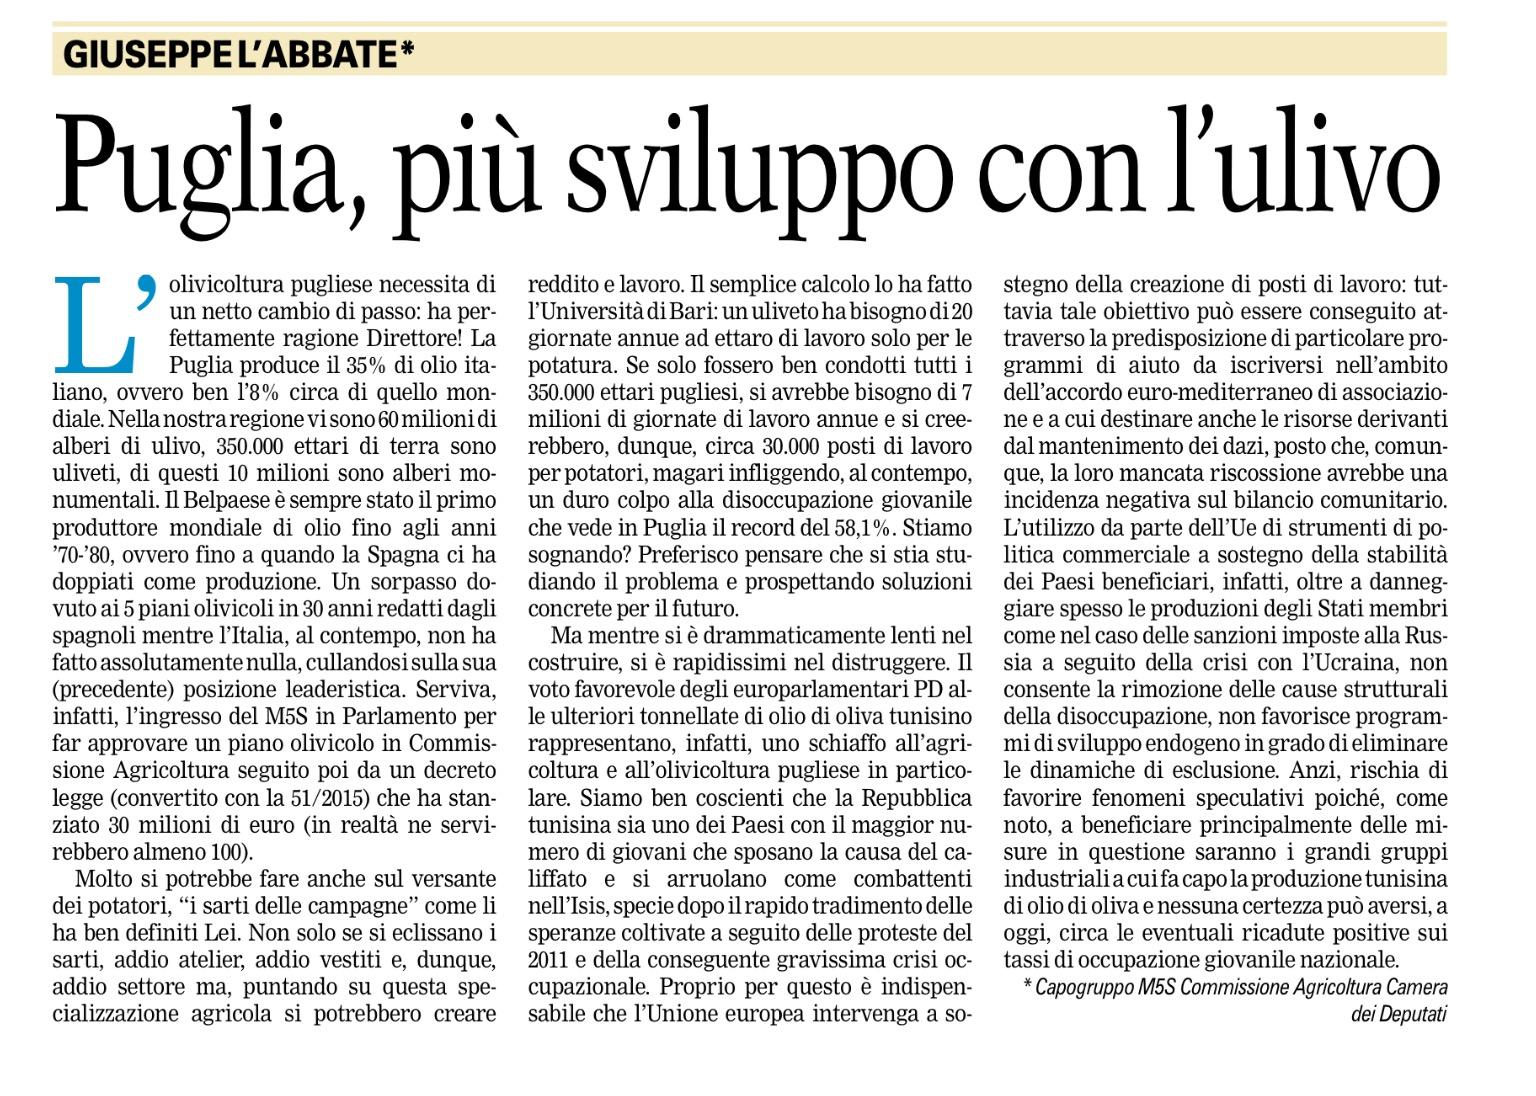 La Gazzetta del Mezzogiorno - 29.01.2016